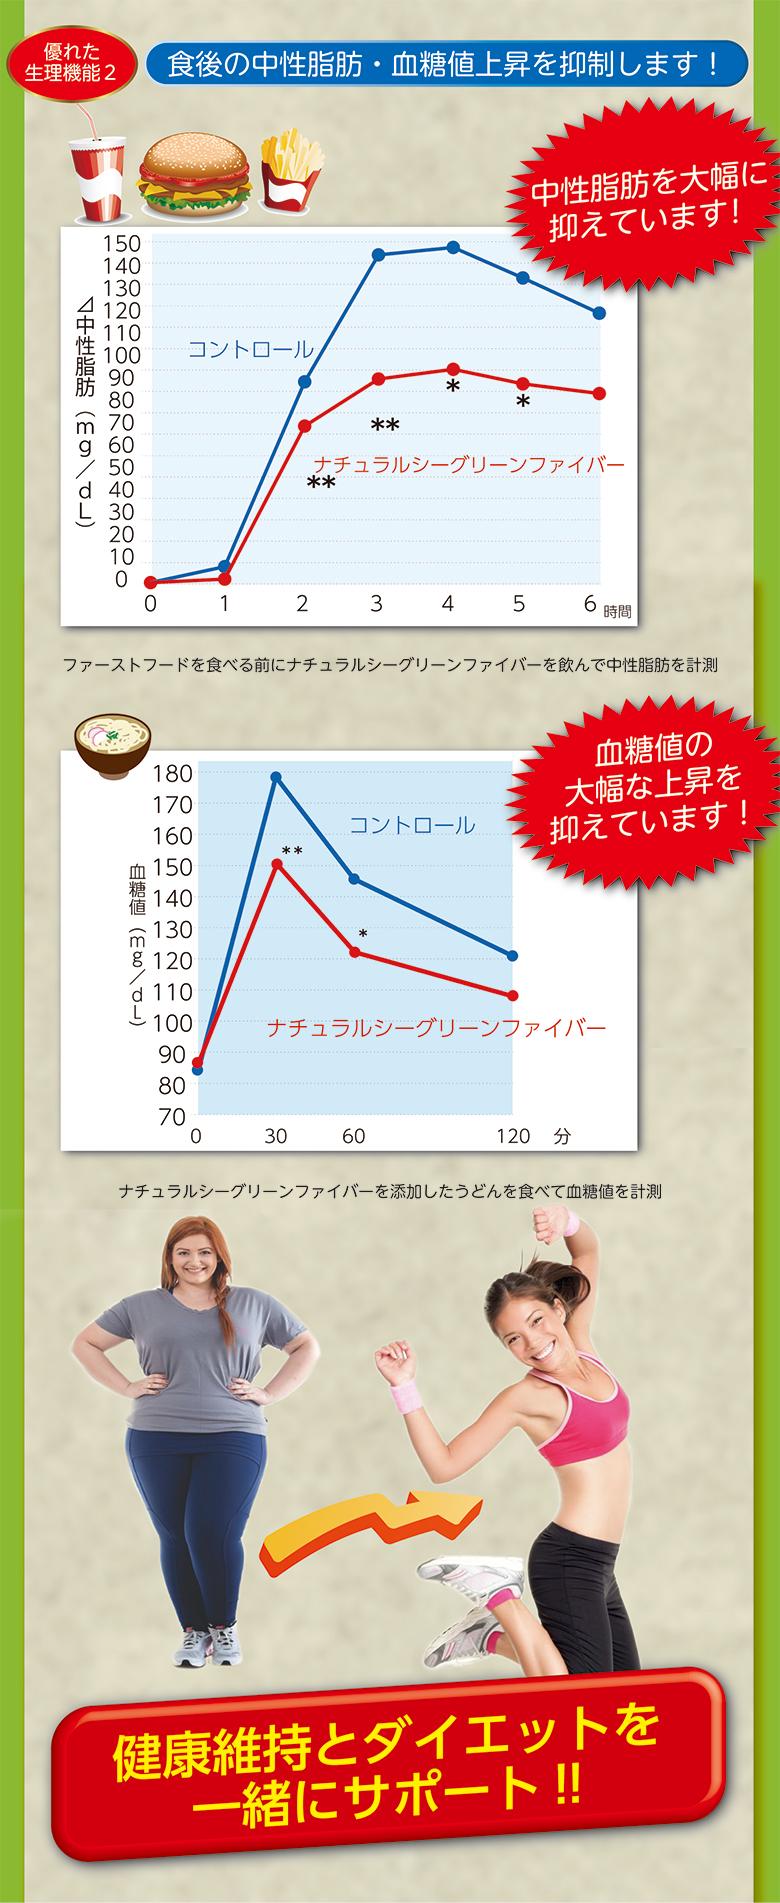 中性脂肪・血糖値抑制